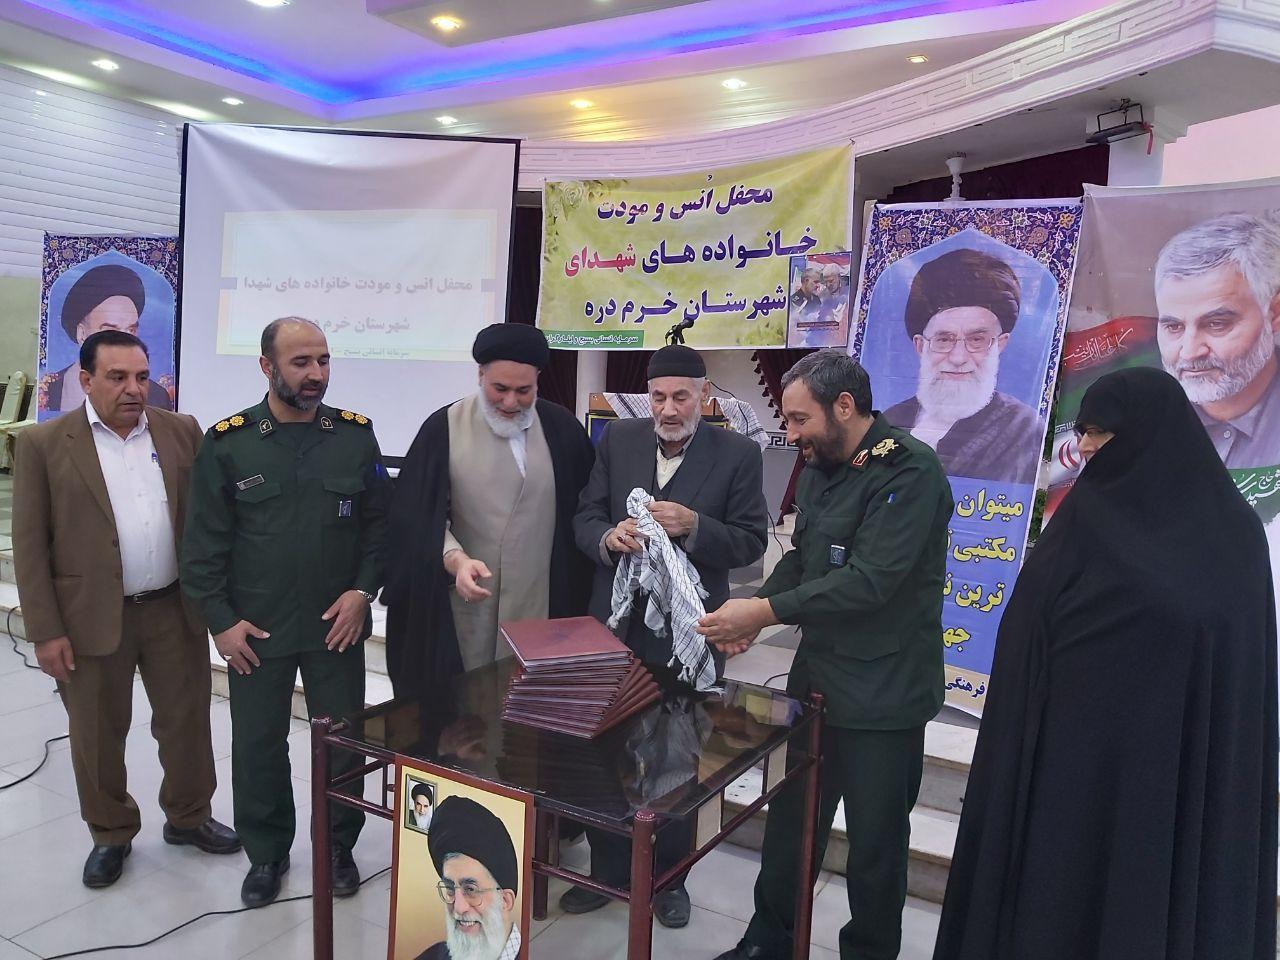 تصاویر/محفل انس ومودت خانواده های شهدای شهرستان خرم دره